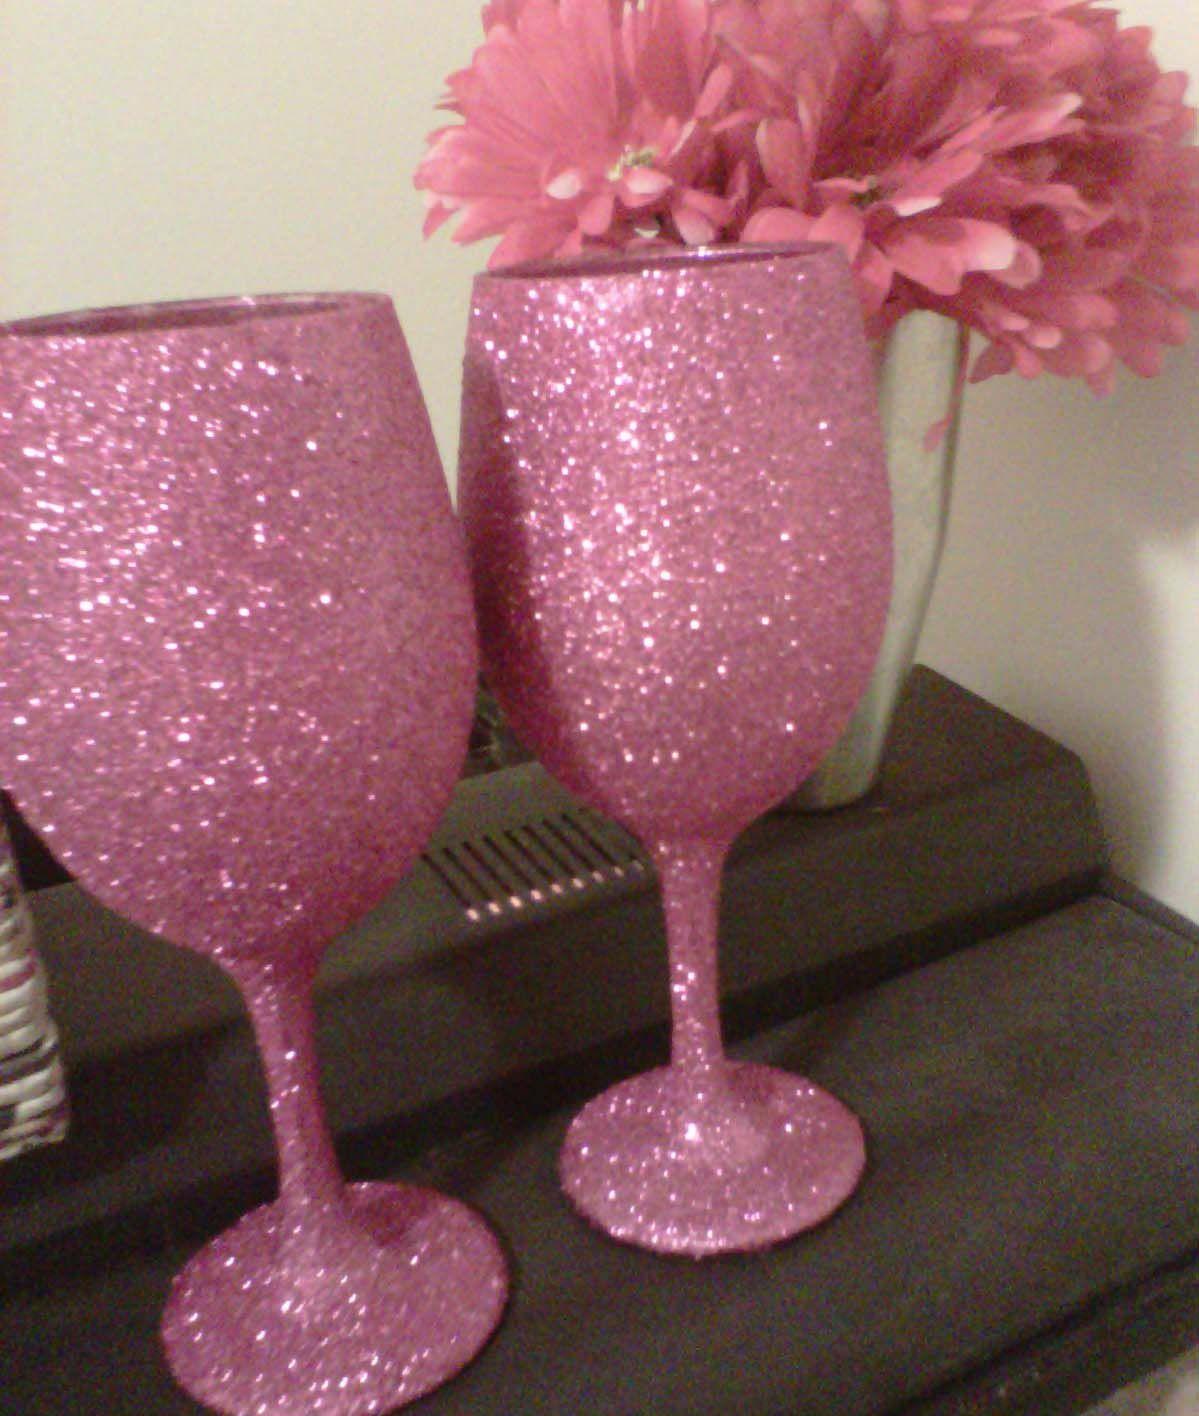 glitter wine glasses diy wine glass decorating pinterest. Black Bedroom Furniture Sets. Home Design Ideas